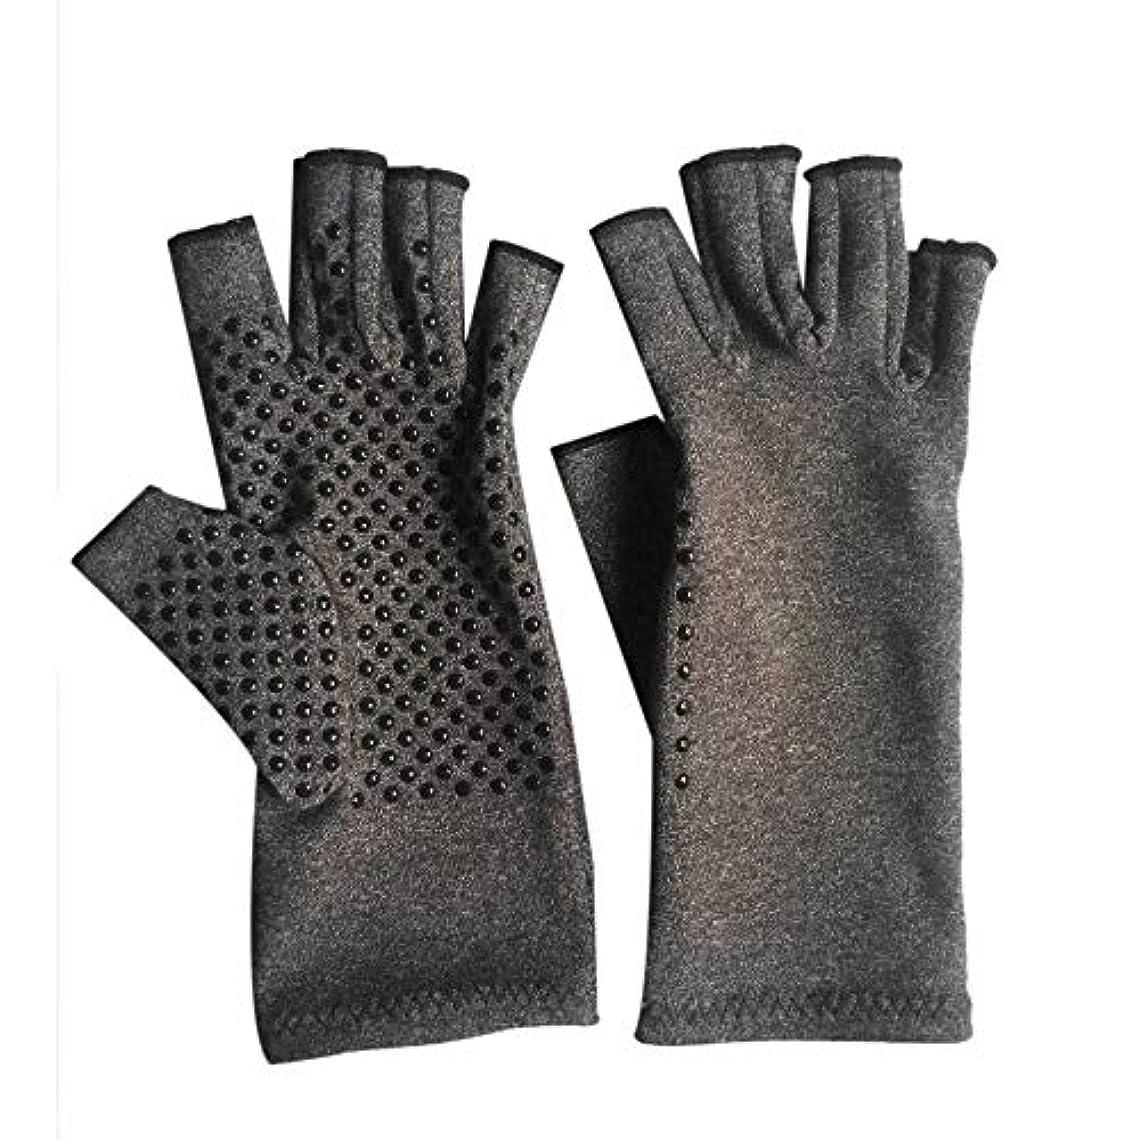 ブース瞑想する時制1ペアユニセックス男性女性療法圧縮手袋関節炎関節痛緩和ヘルスケア半指手袋トレーニング手袋 - グレーM